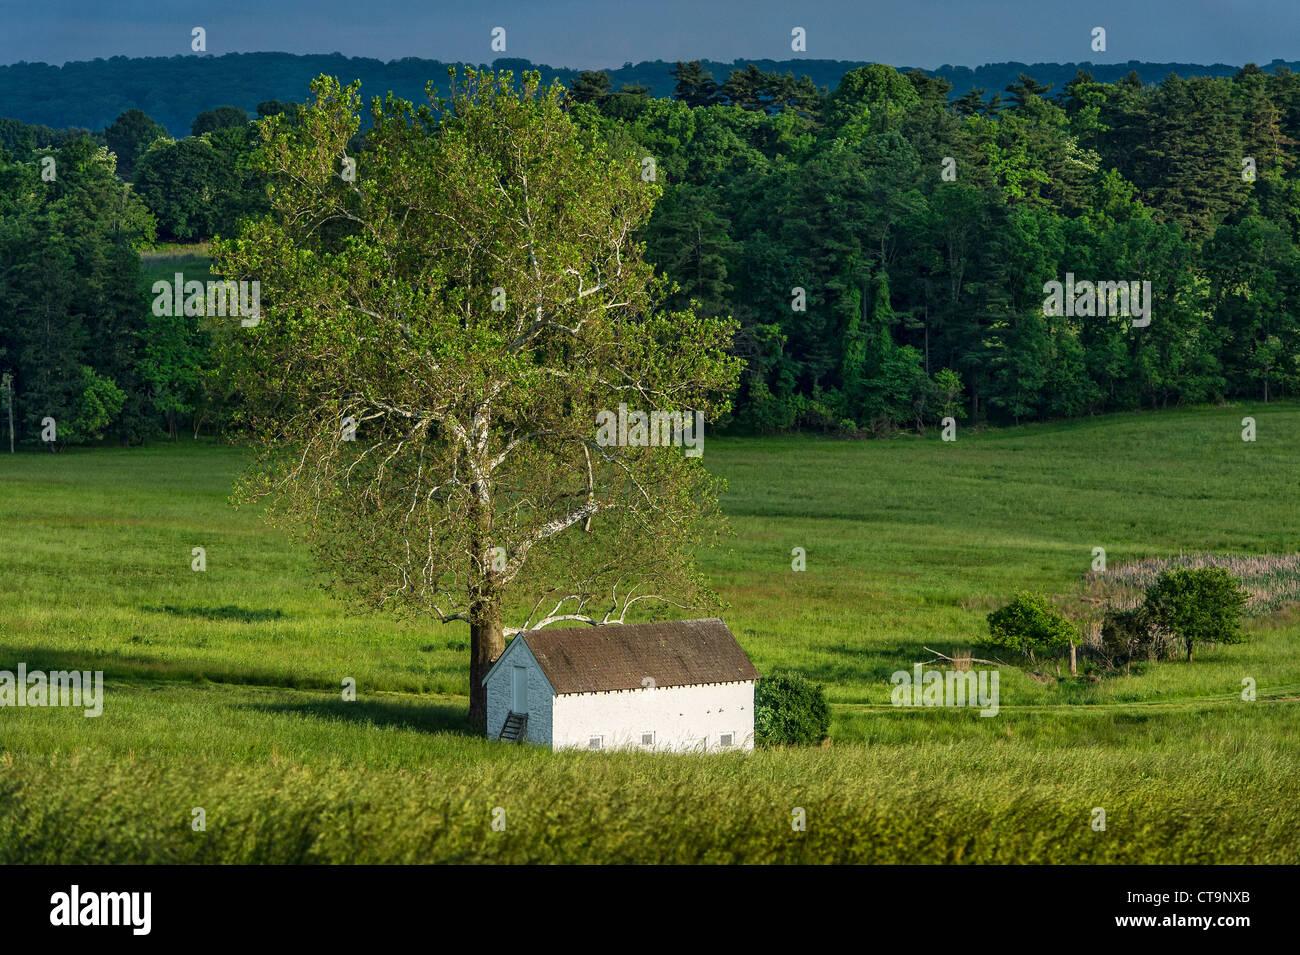 Rural Casa de primavera en el exuberante paisaje pastoral, Chester County, Pennsylvania, EE.UU. Imagen De Stock